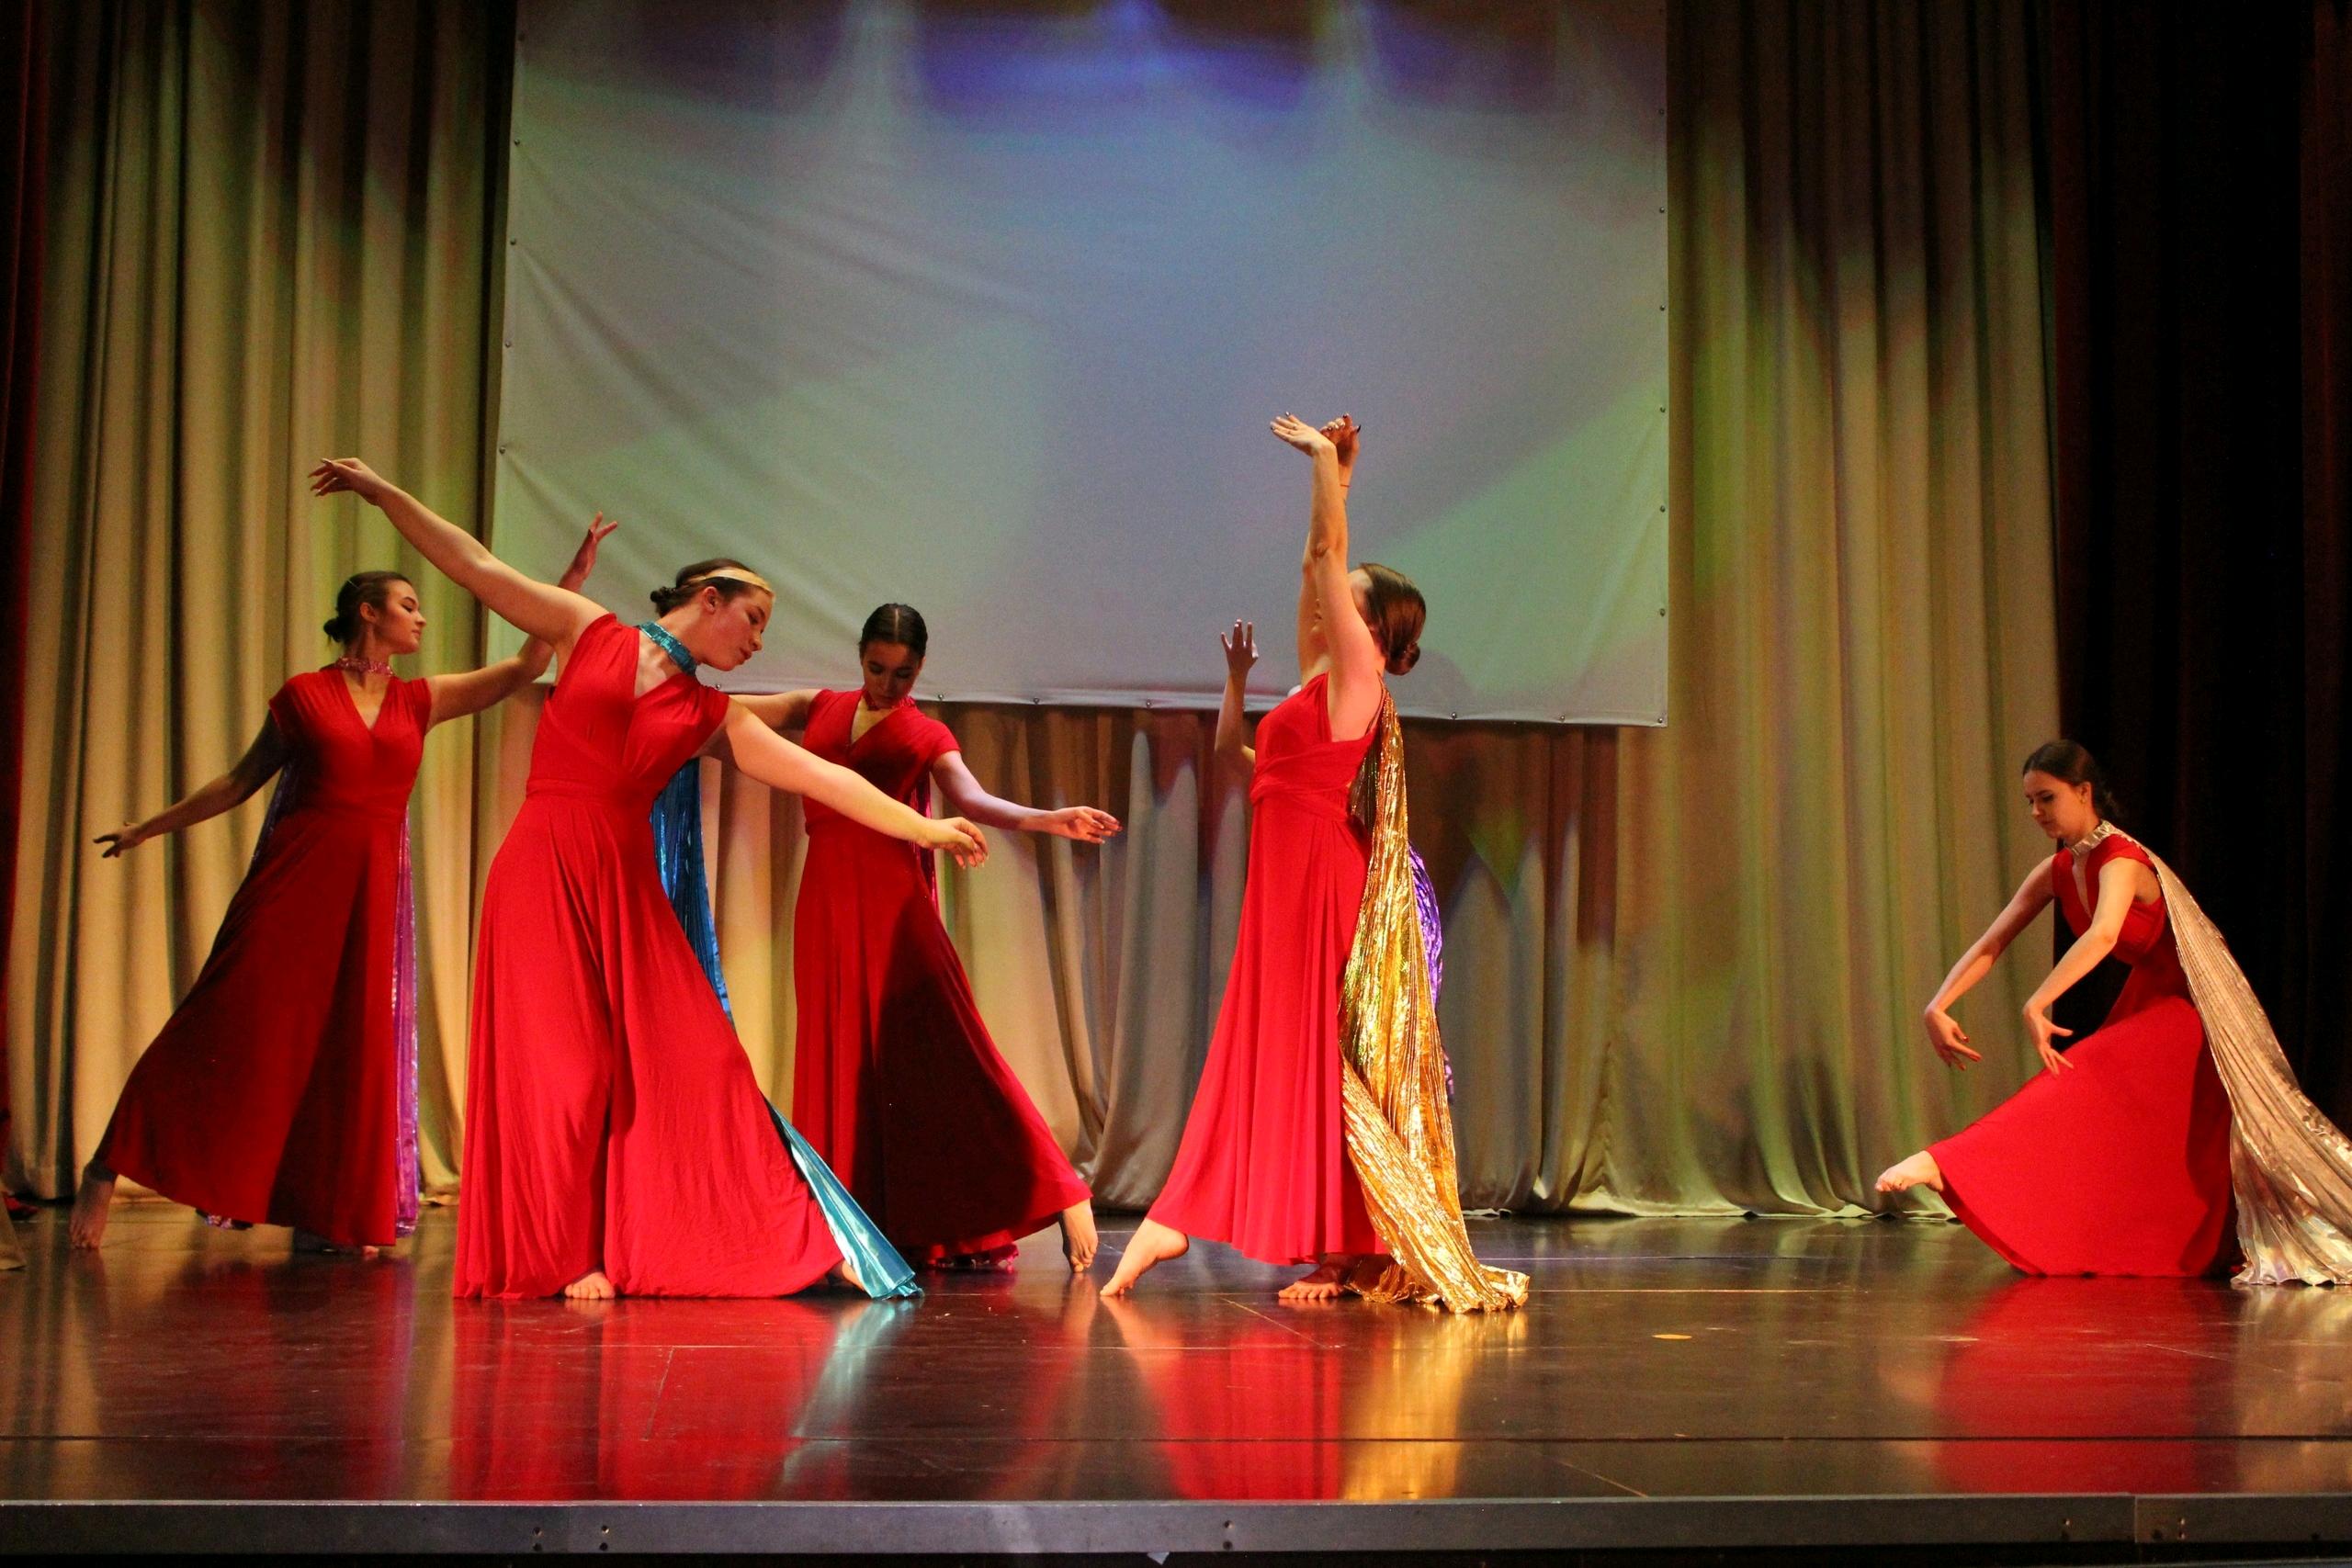 Фестиваль-конкурс пройдет во Дворце культуры Щербинки